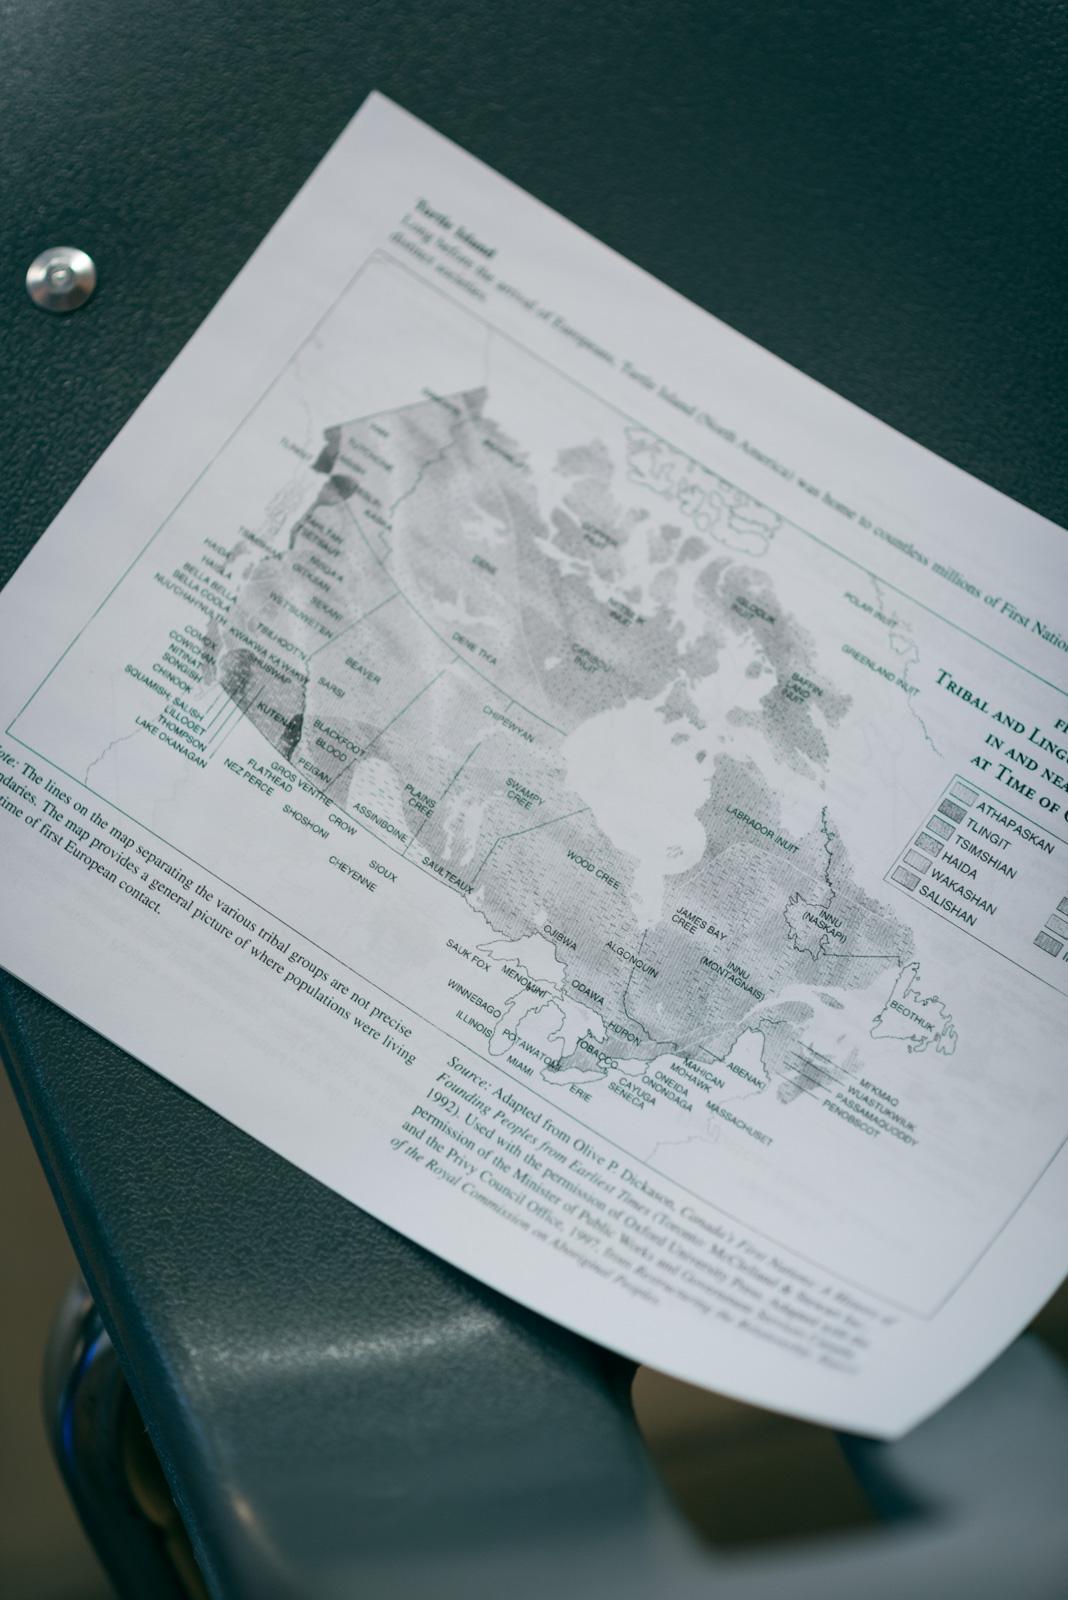 kairos-blanket-exercise-blog-7.jpg